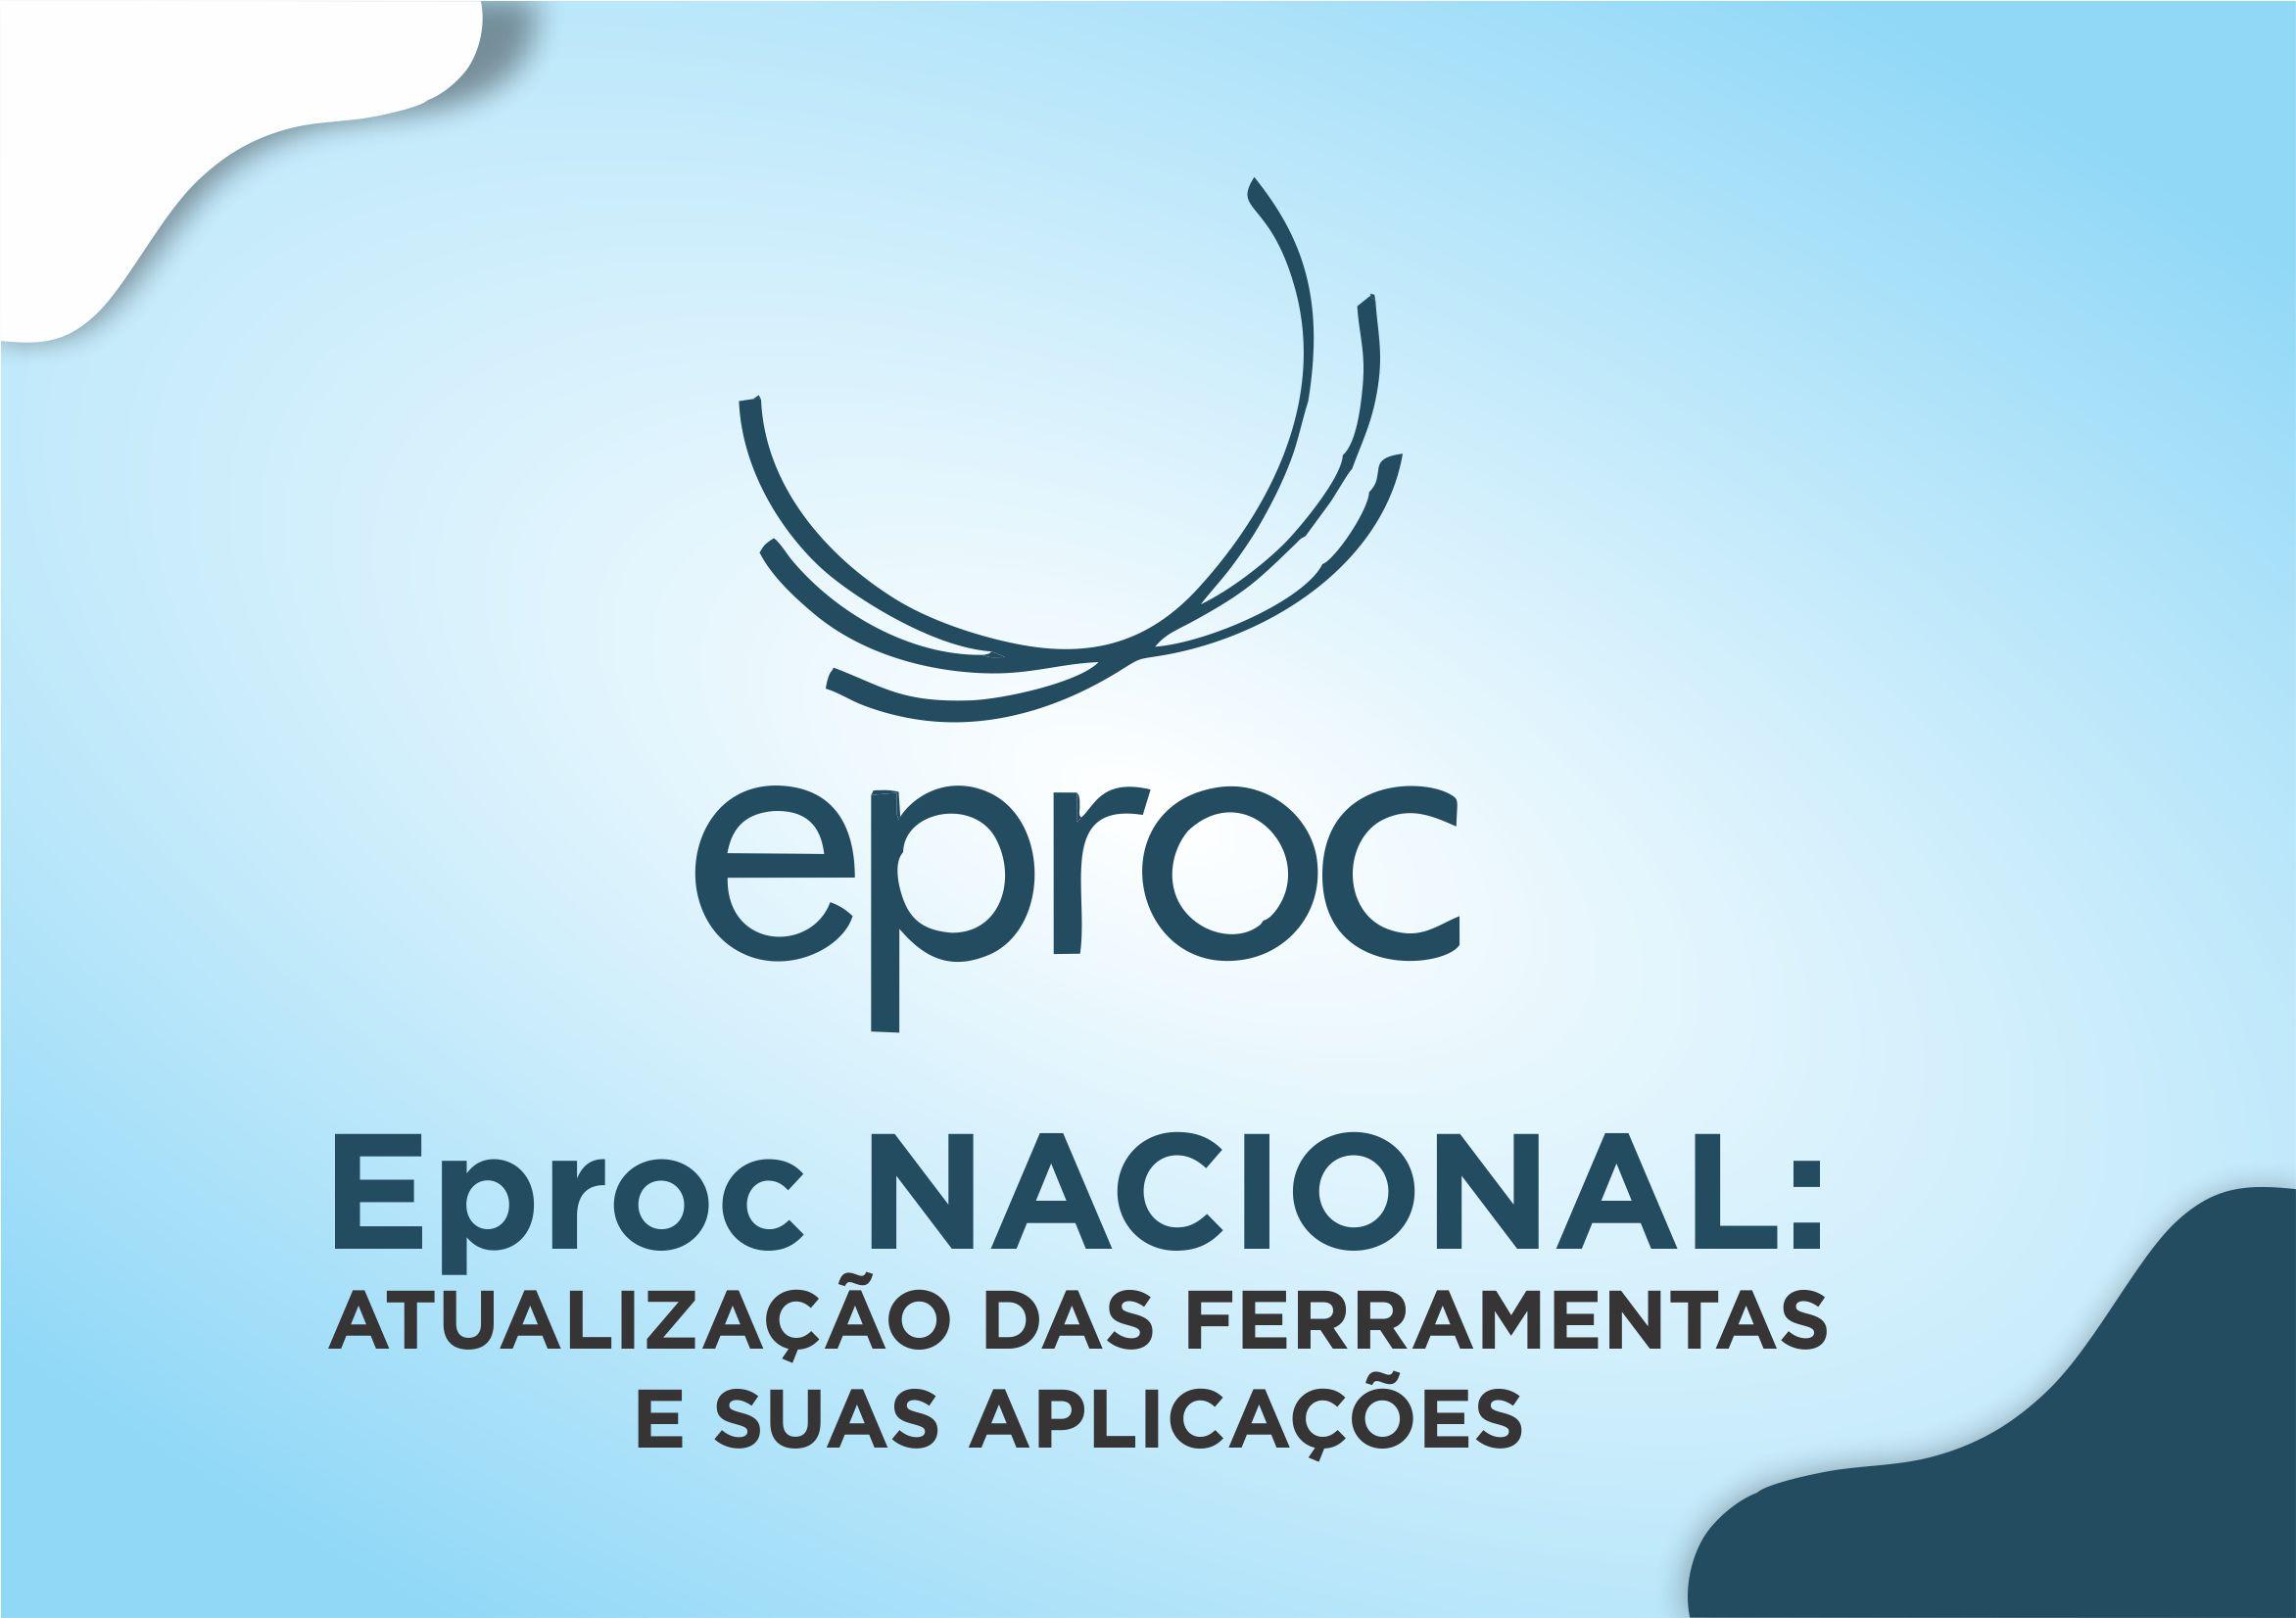 Curso Eproc Nacional: atualização das ferramentas e suas aplicações.